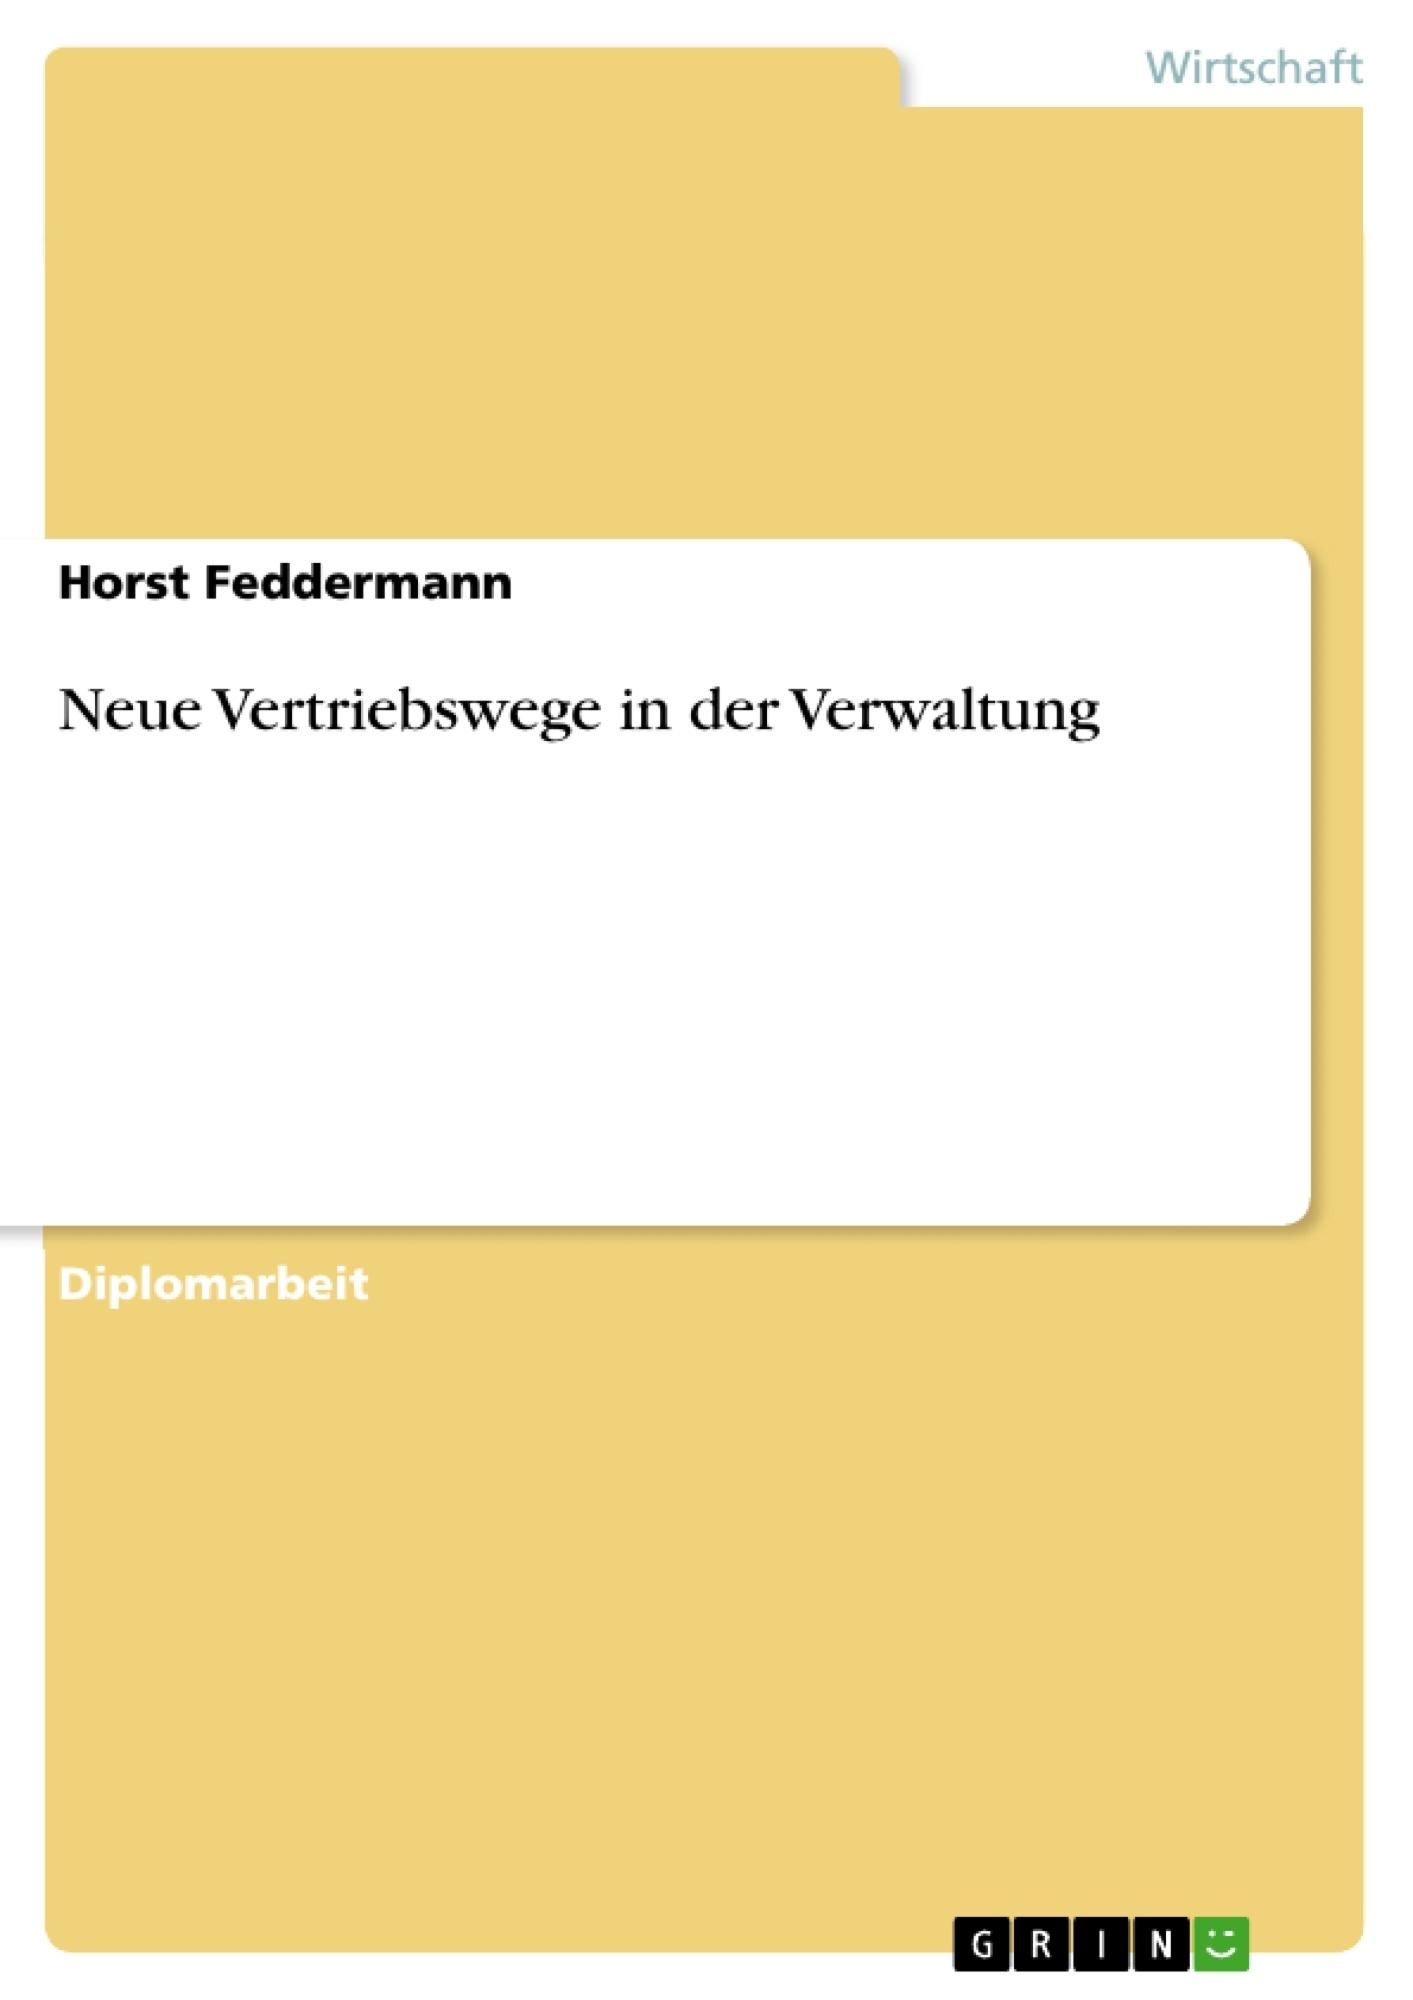 Titel: Neue Vertriebswege in der Verwaltung